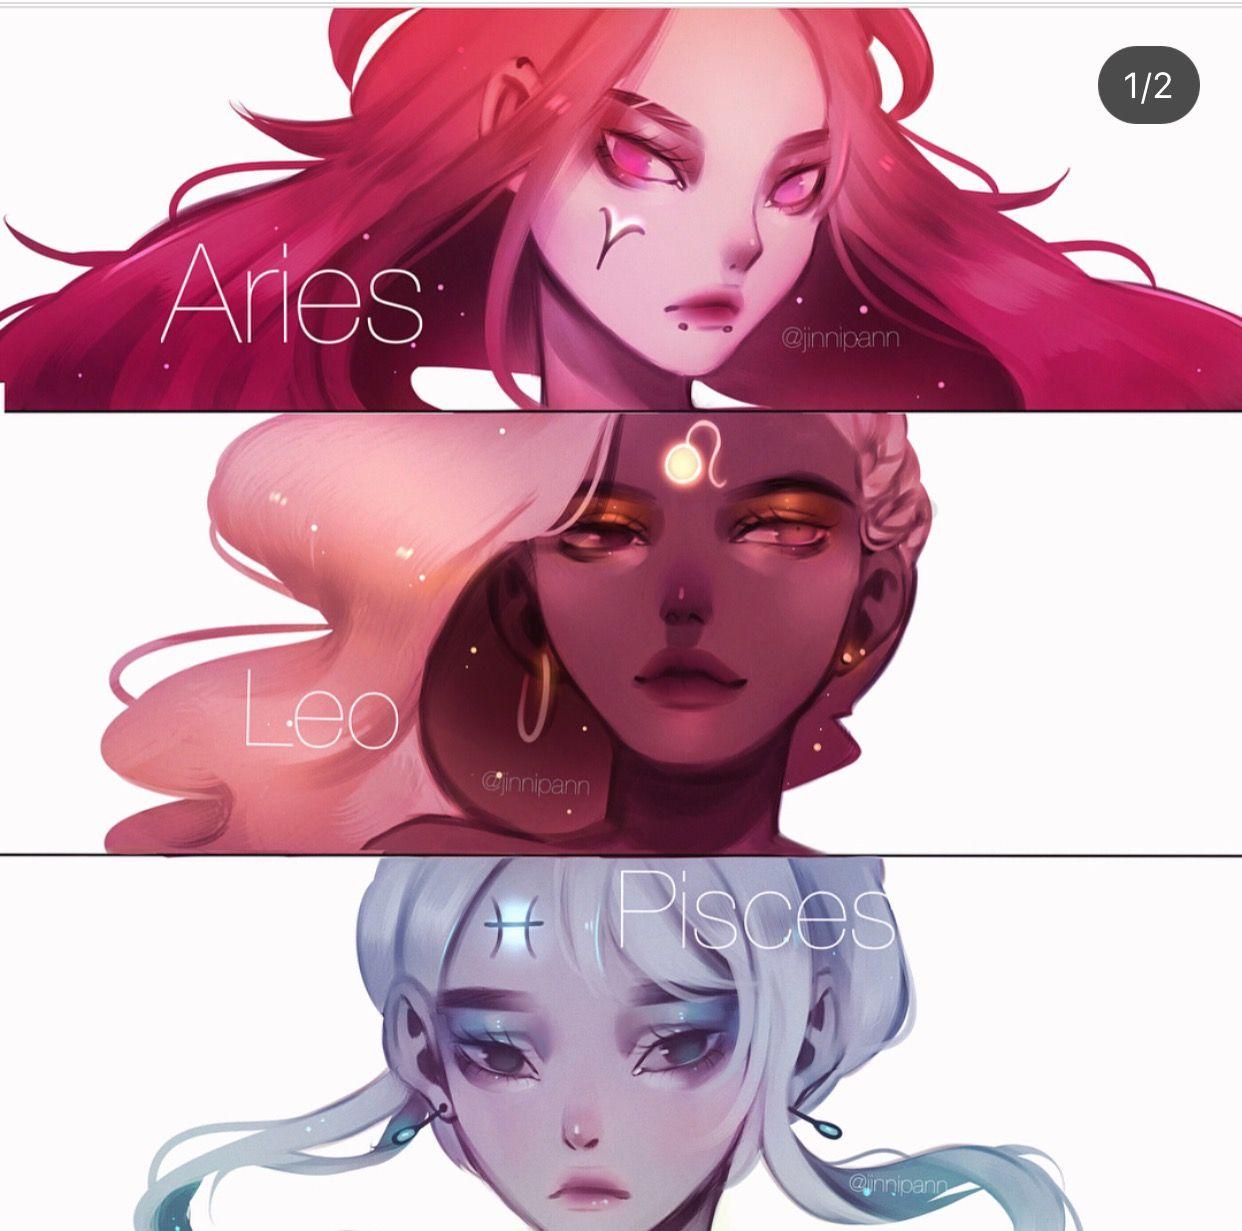 Anime Girl Zodiac Signs: Anime Zodiac Signs